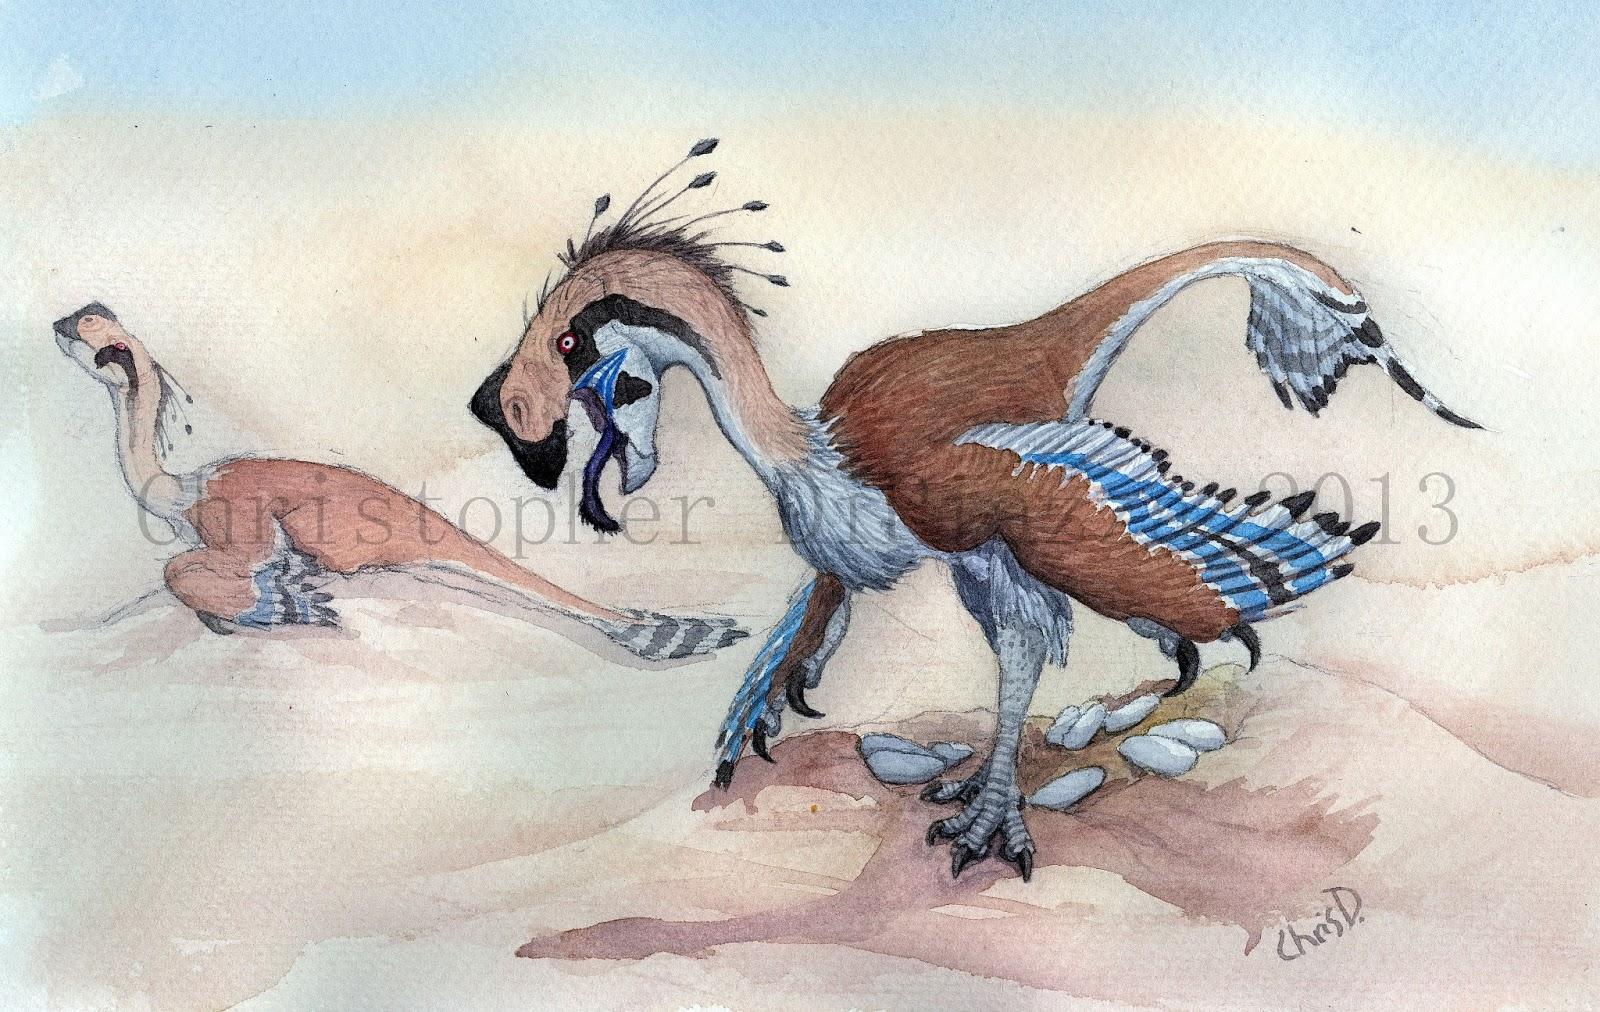 [Image: Oviraptor+(wm).jpg]